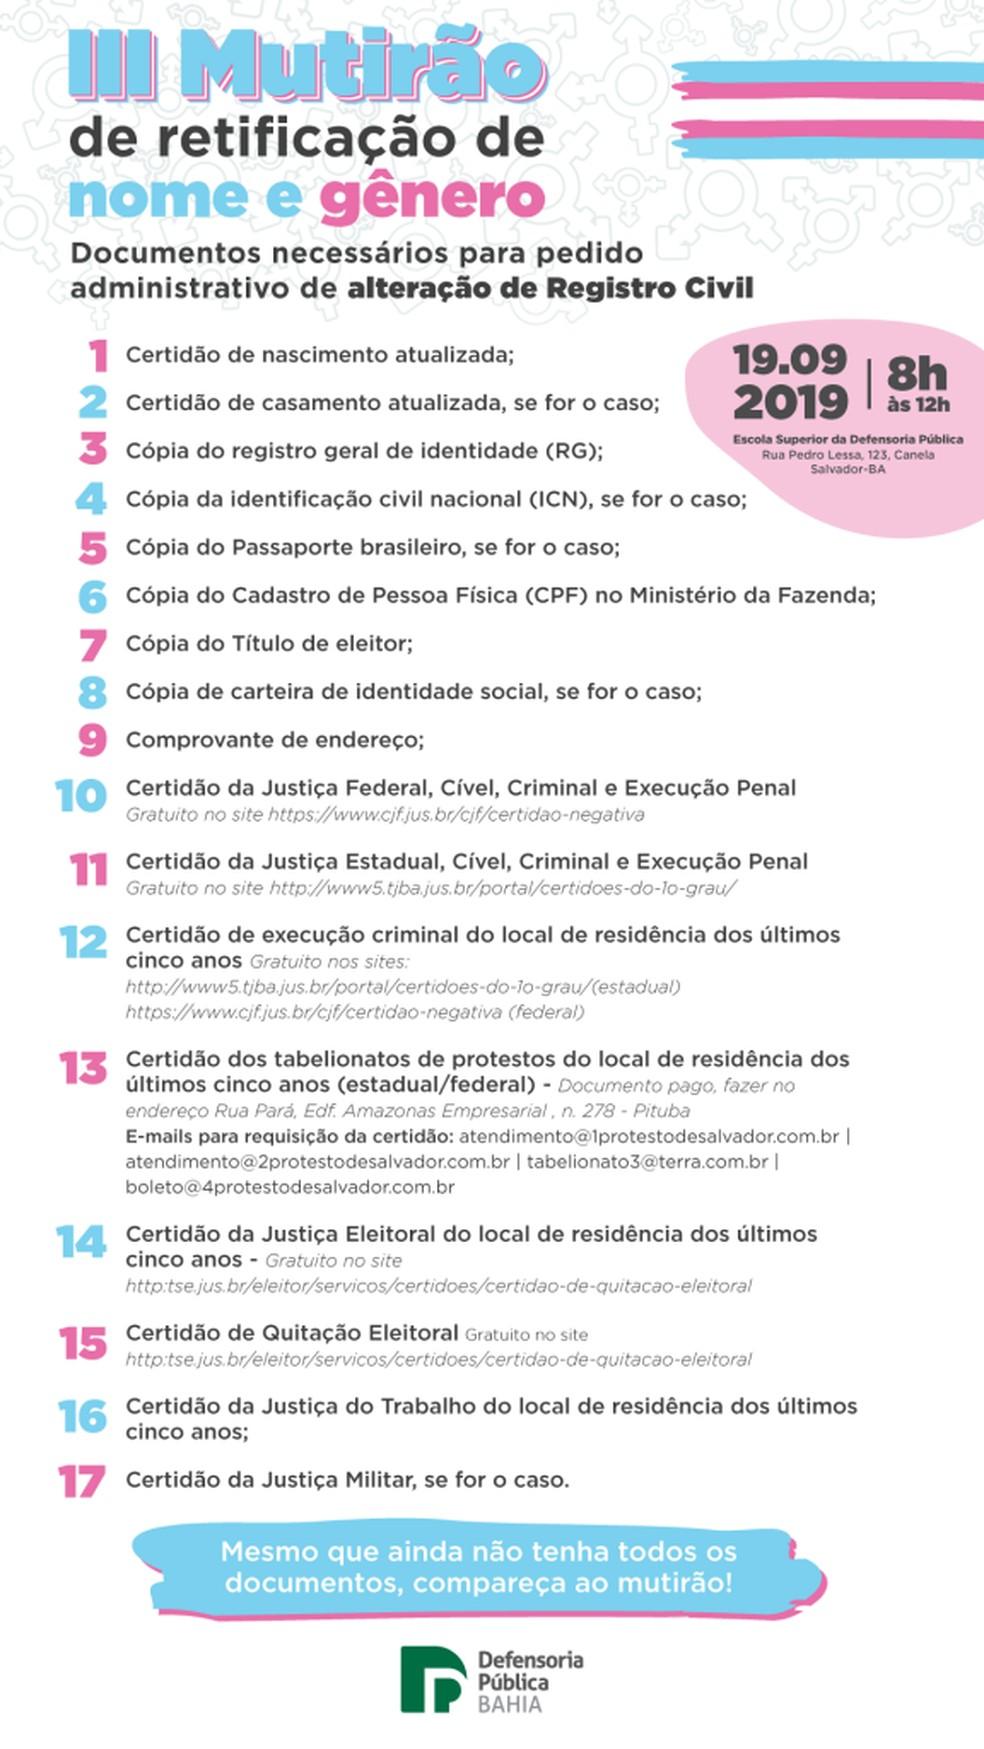 Lista de documentos para retificação de nome e gênero em mutirão da Defensoria Pública da Bahia — Foto: Divulgação